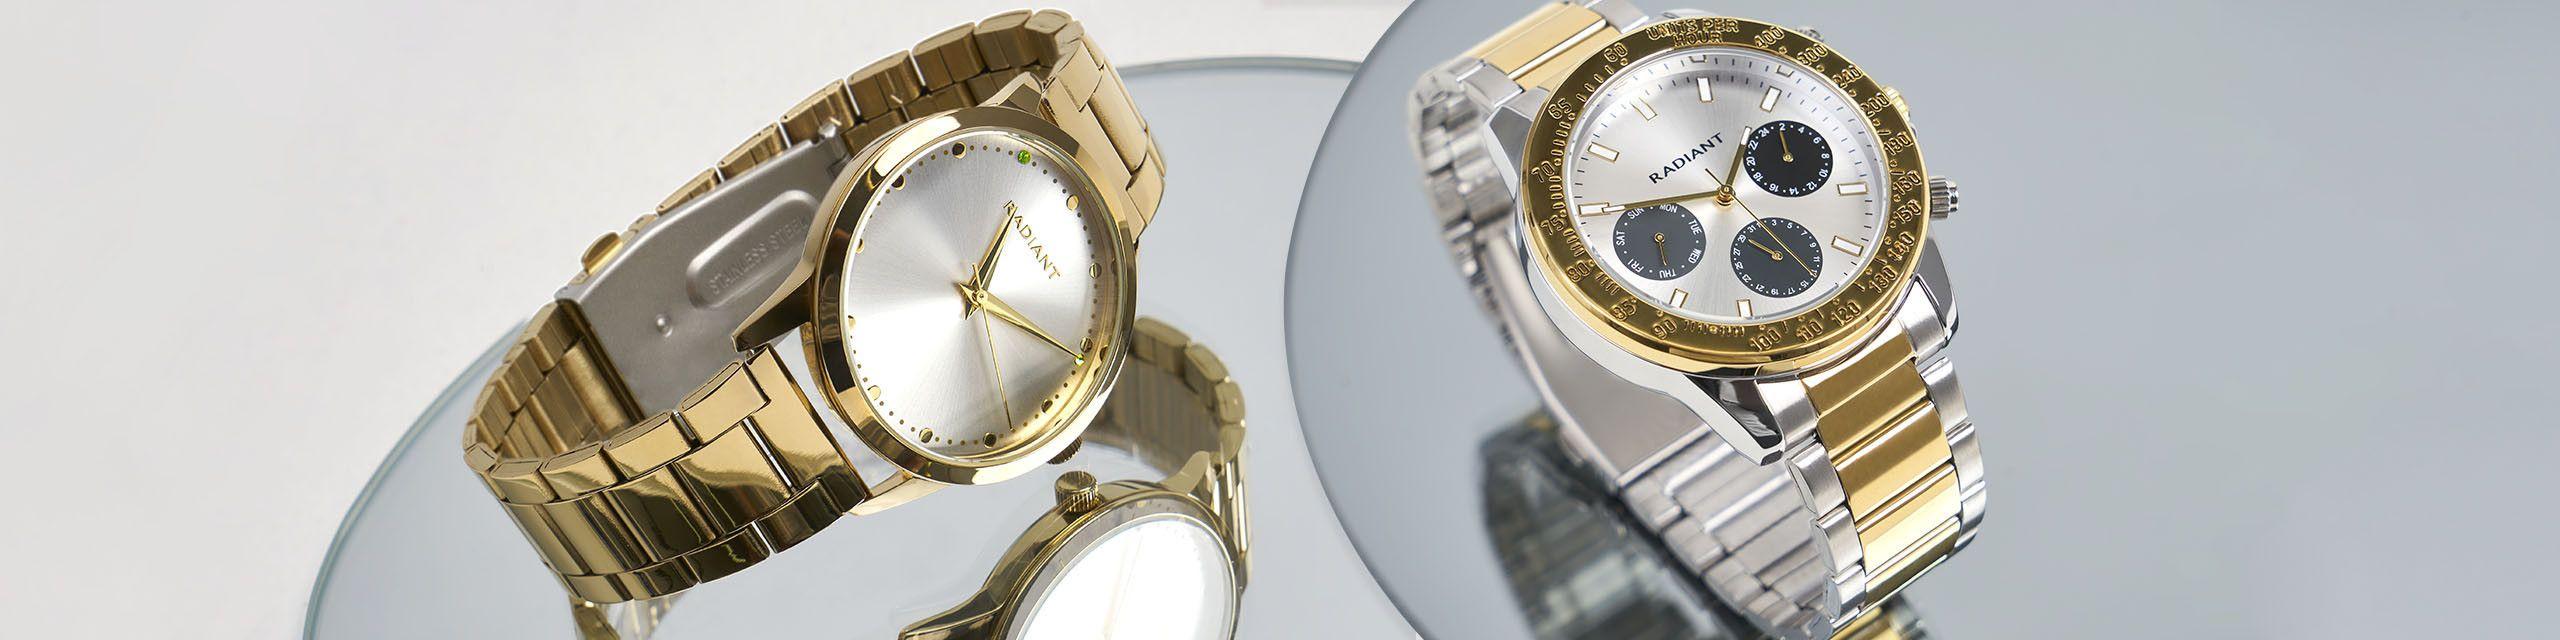 Relojes de hombre ▷ New Collection 2021 - Radiant España